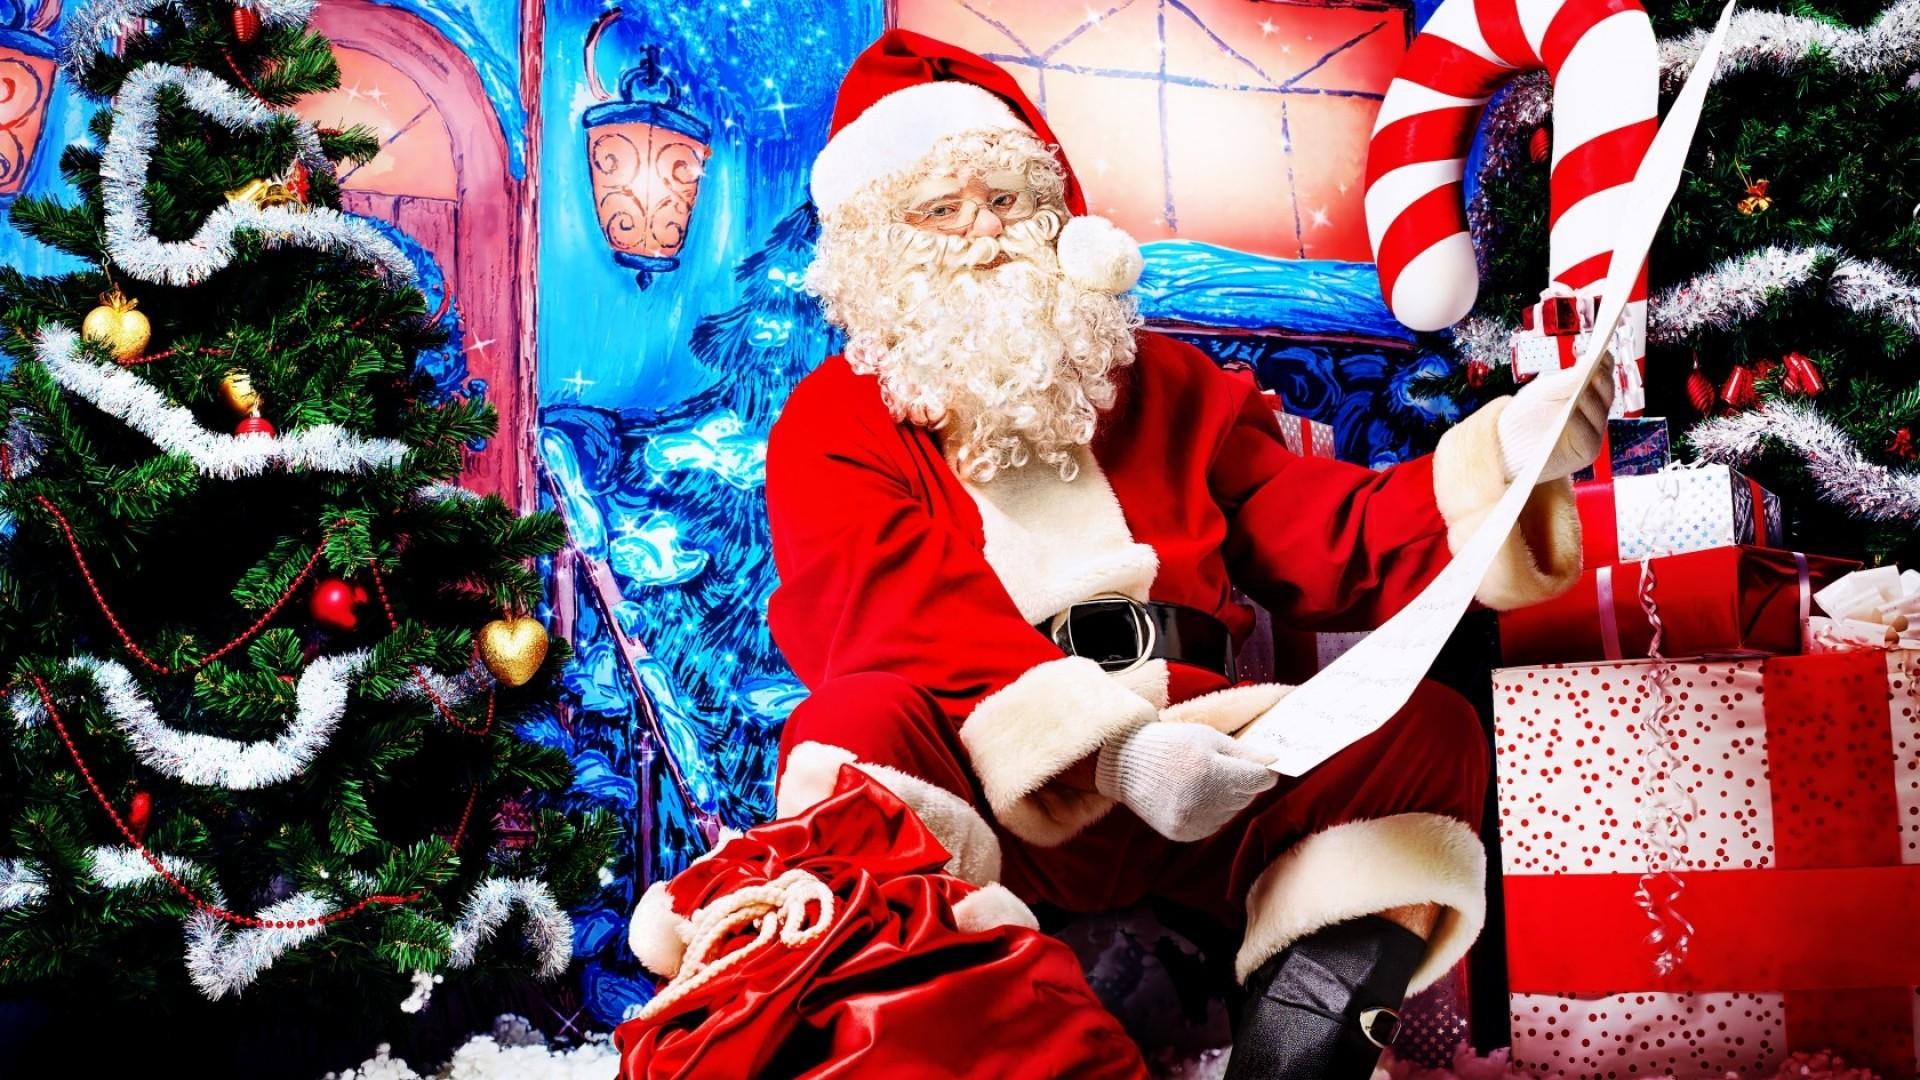 Christmas HD Wallpaper 1080p – WallpaperSafari